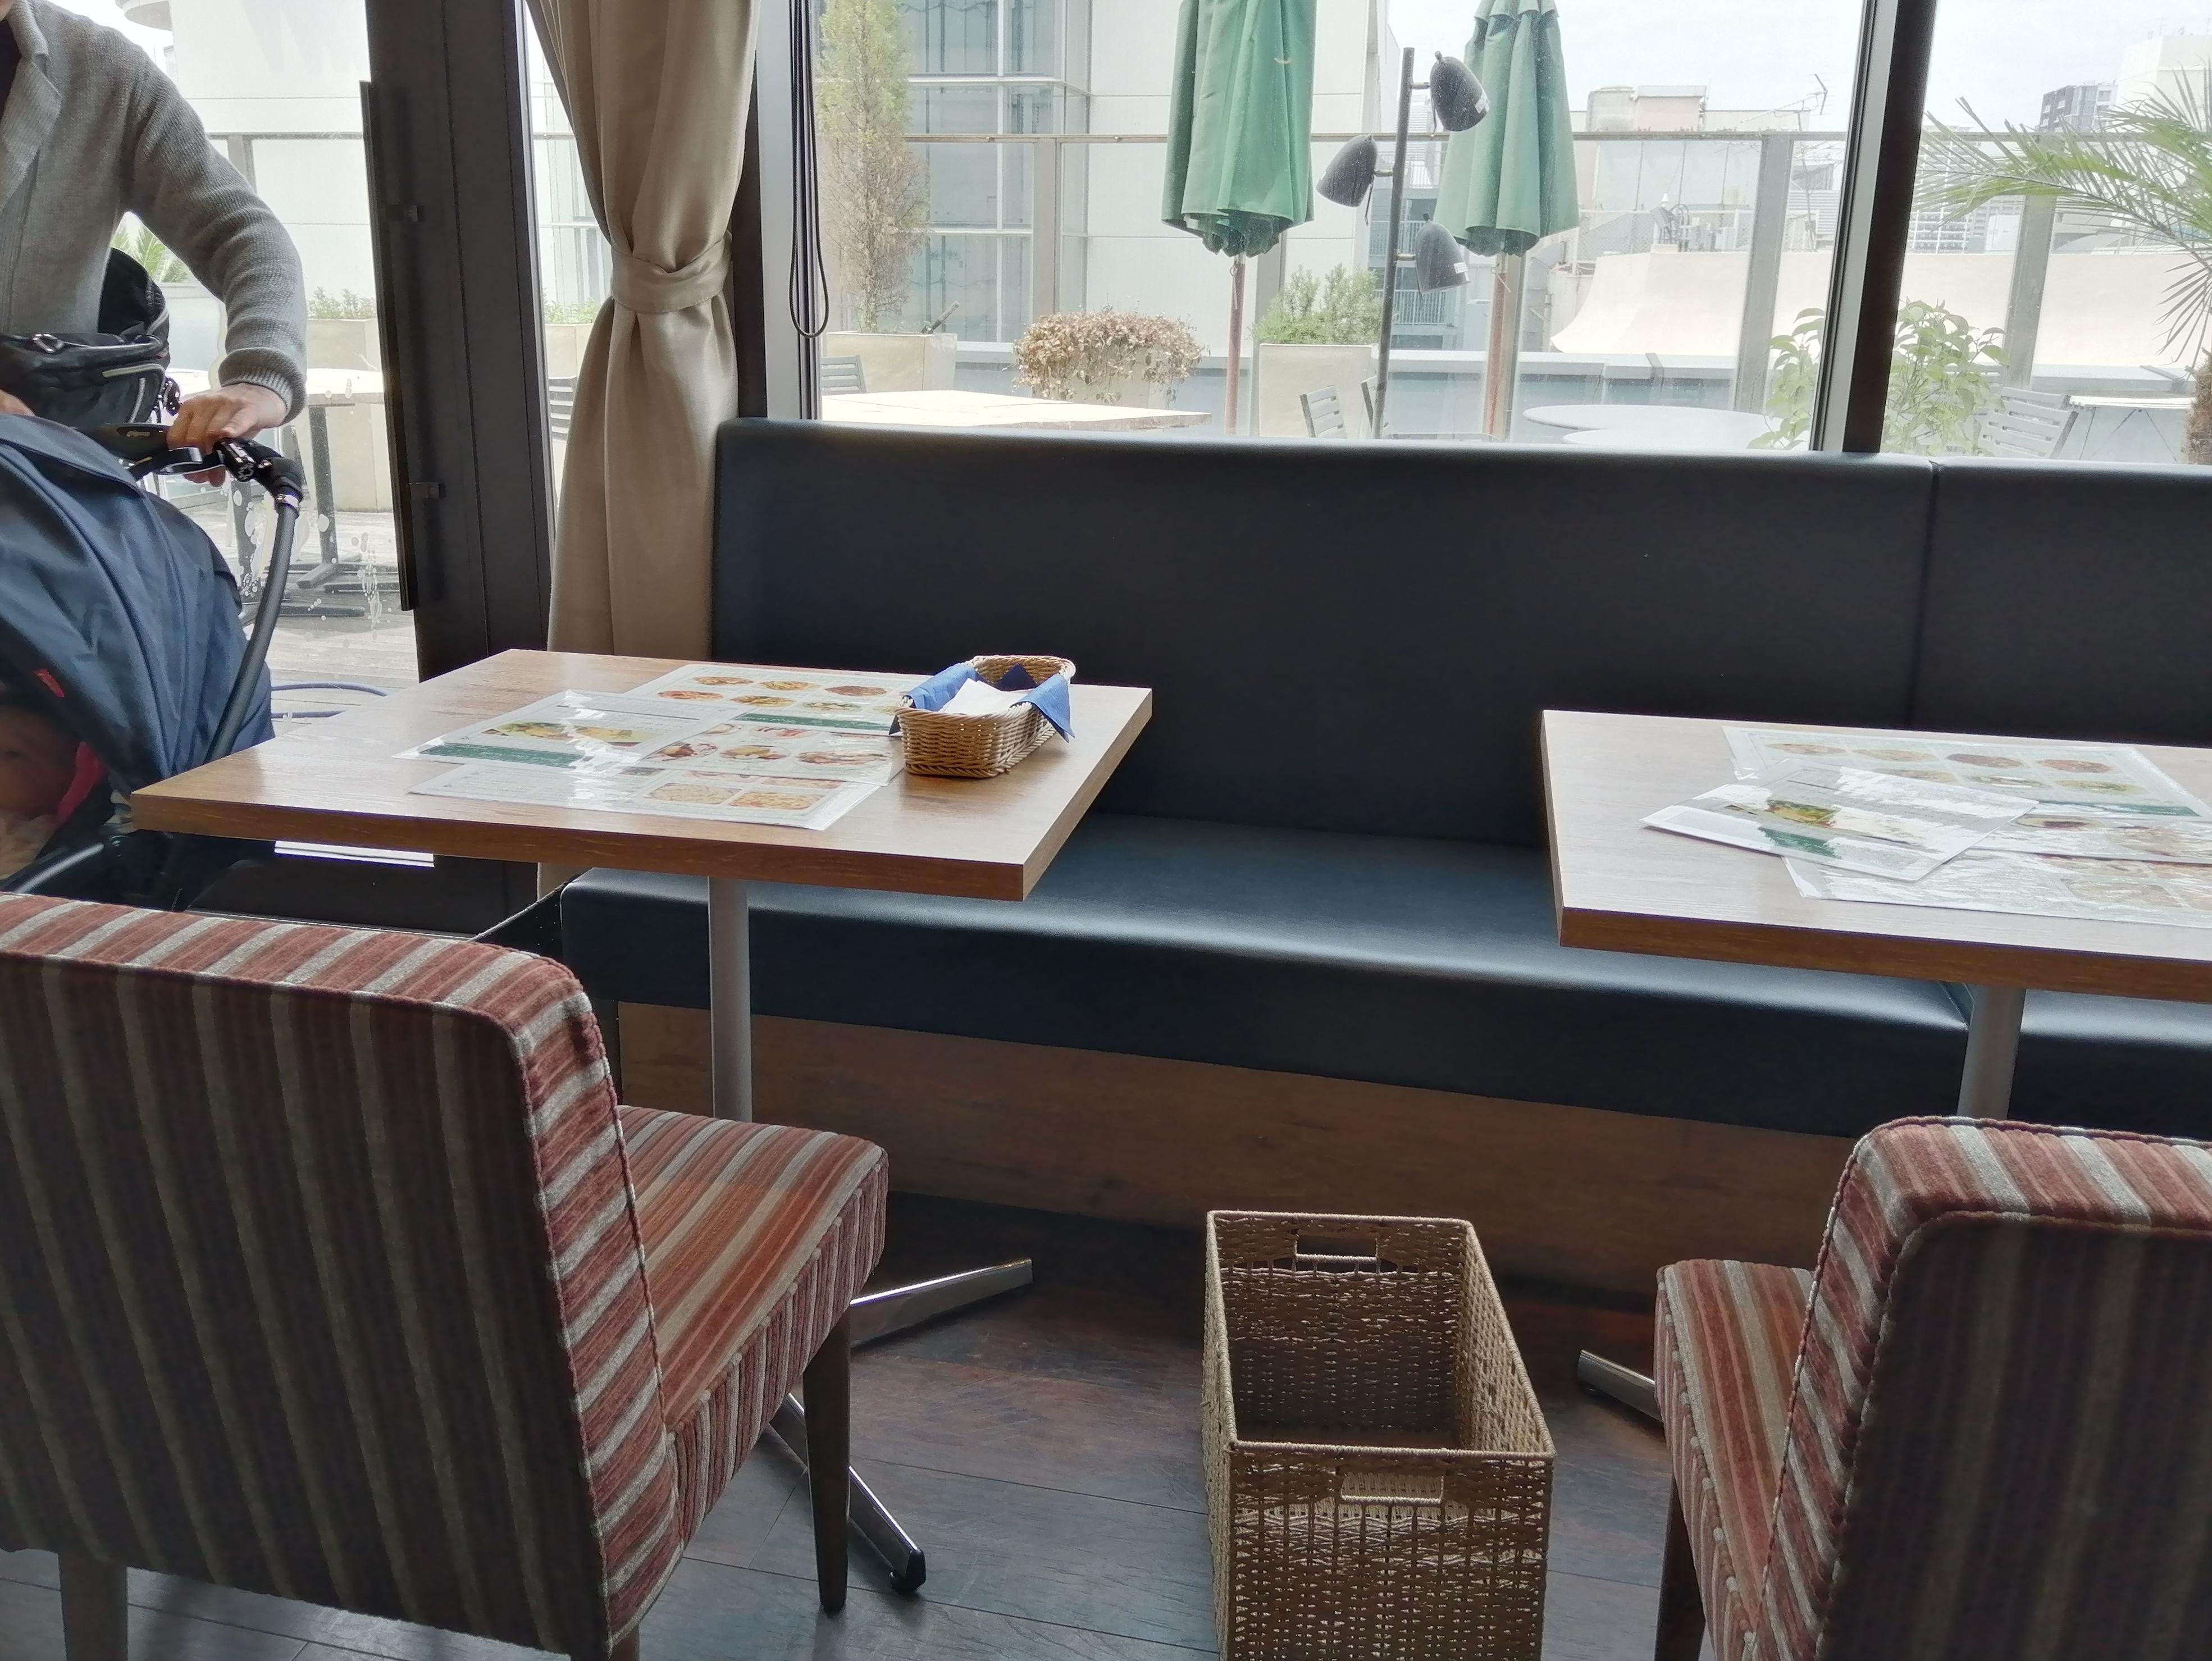 VIOROのカフェ「hus(ヒュース)」のテーブル席